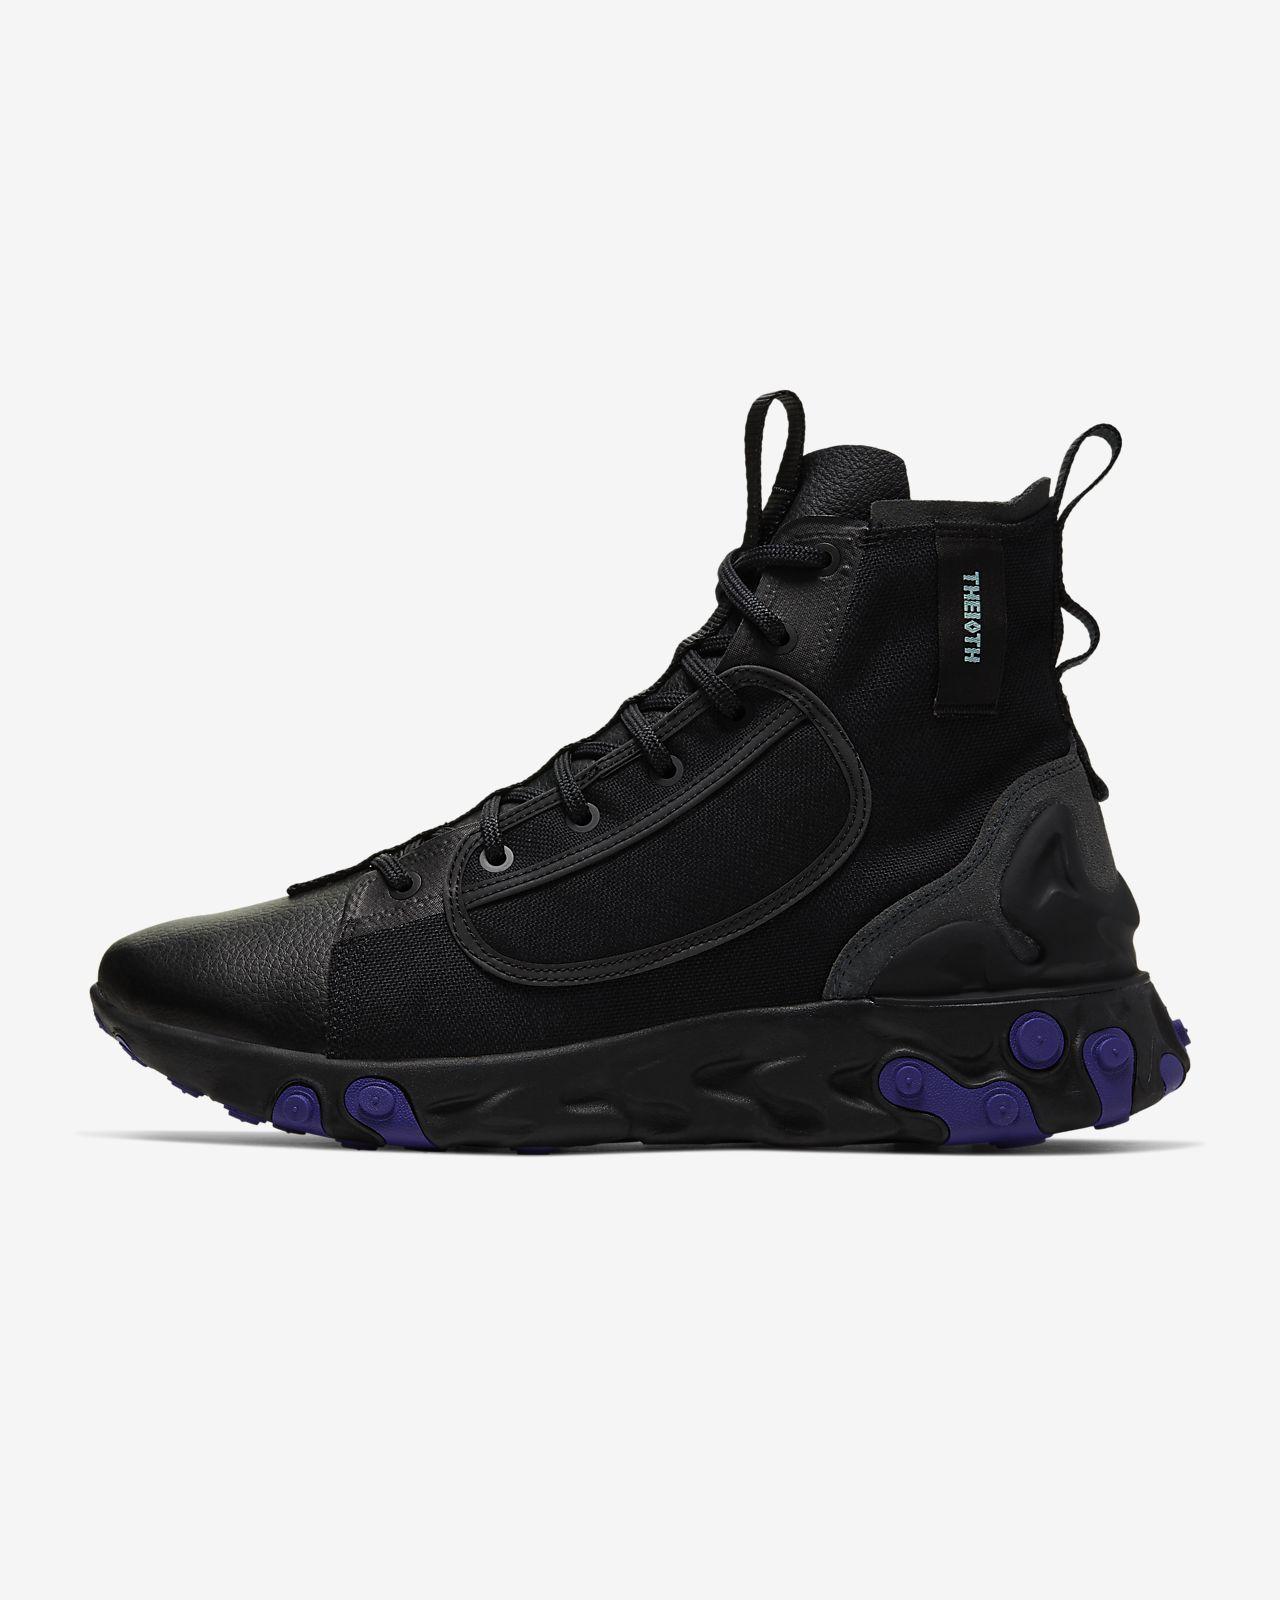 รองเท้าผู้ชาย Nike React Ianga